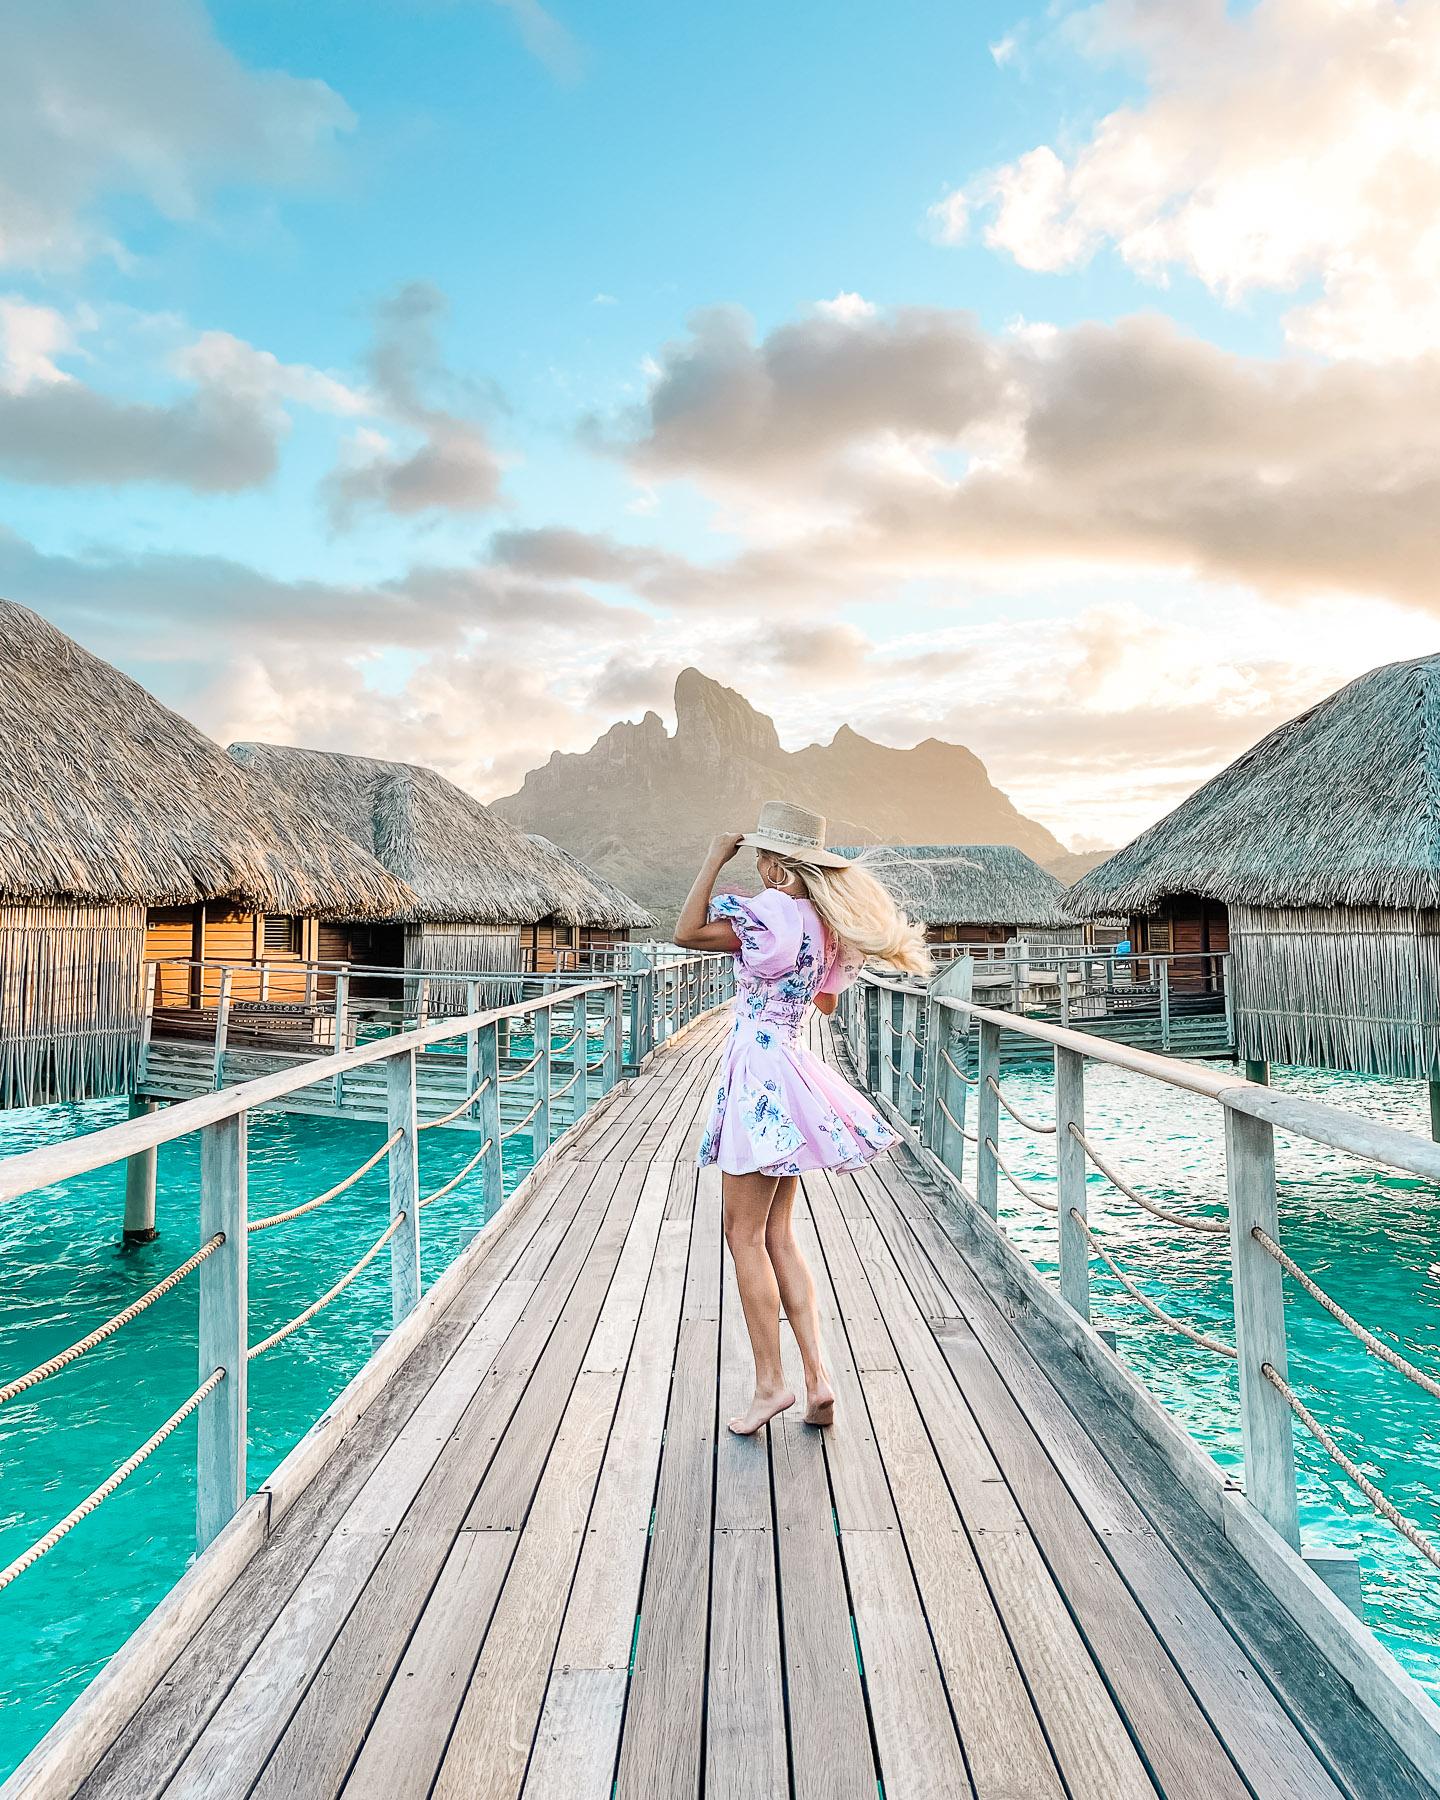 Four Seasons Bora Bora vs. St. Regis Bora Bora